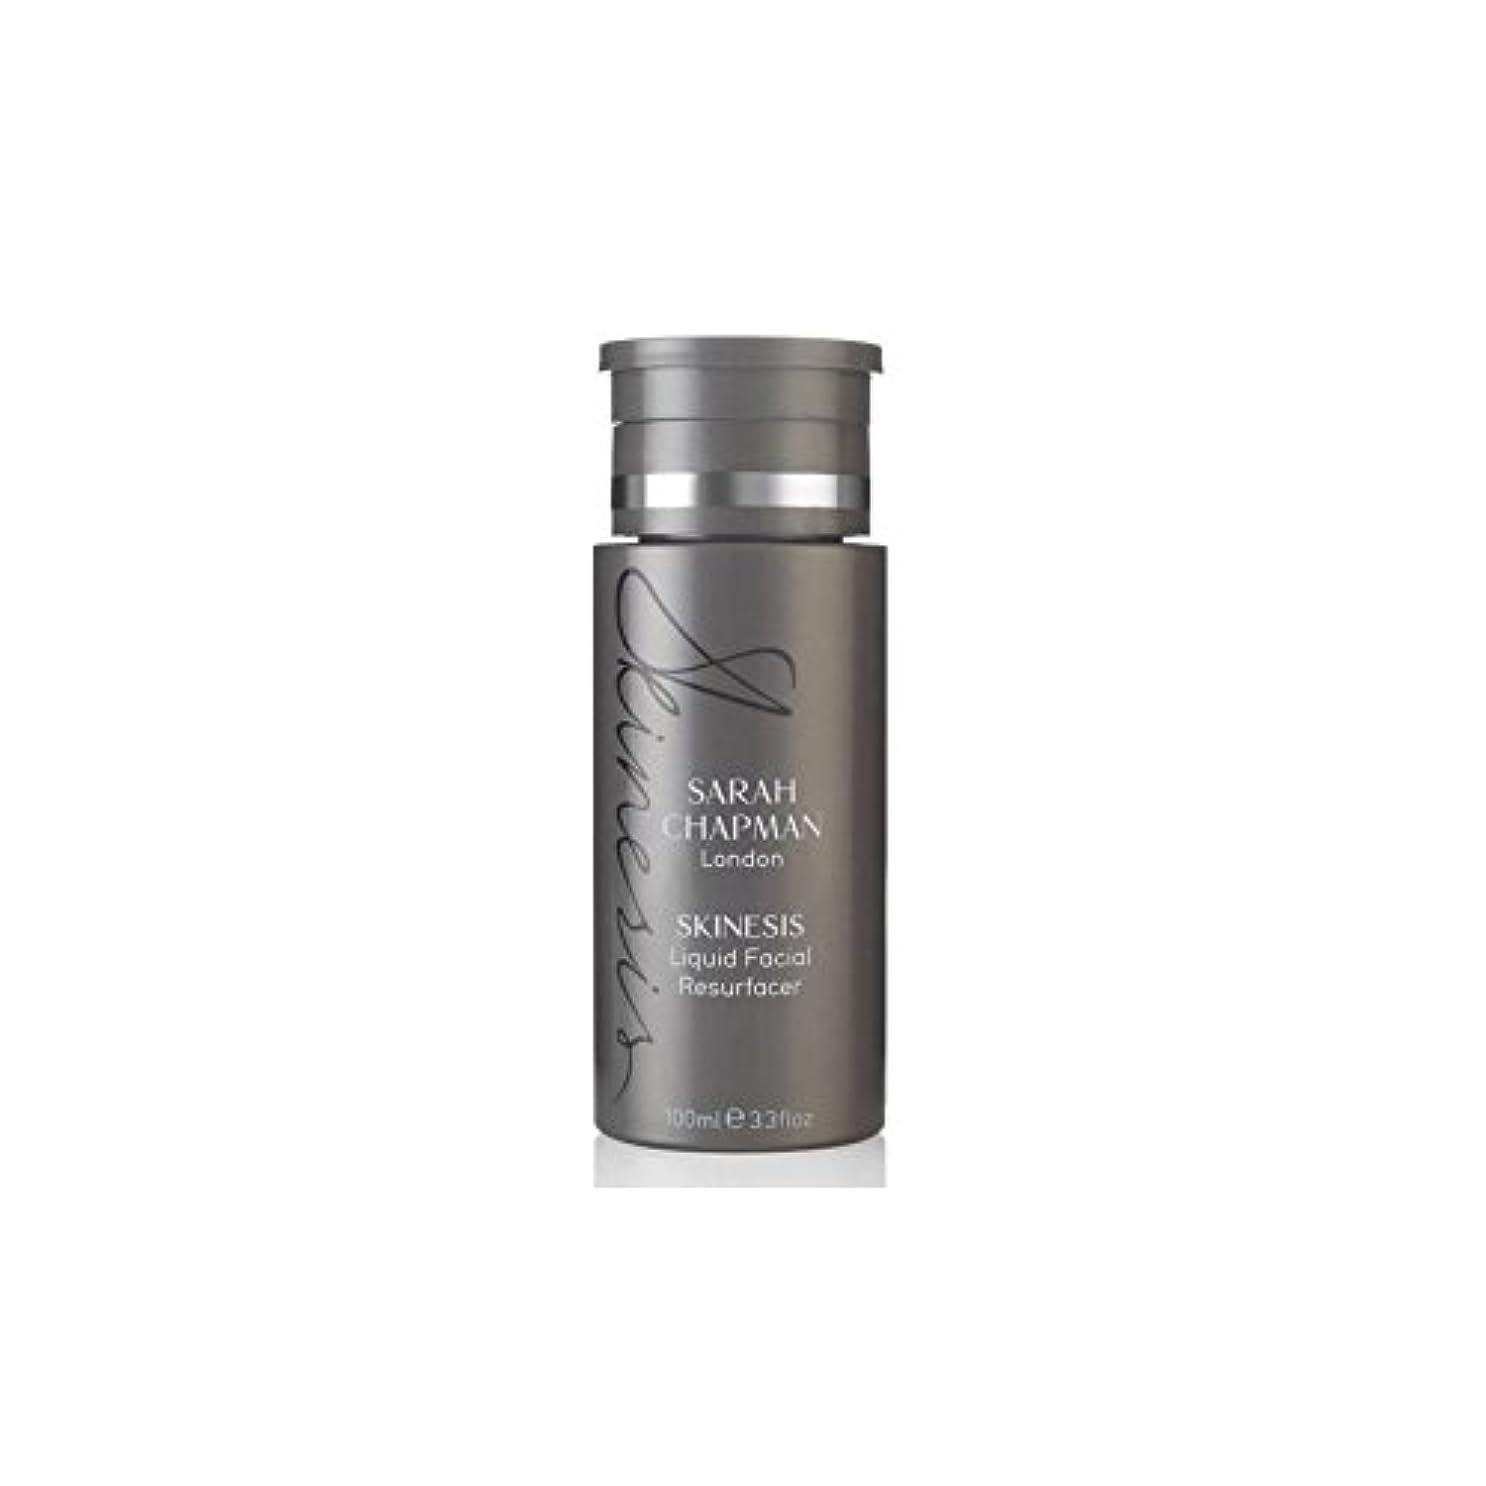 休暇撤退論争サラチャップマン液体顔(100)に x2 - Sarah Chapman Skinesis Liquid Facial Resurfacer (100ml) (Pack of 2) [並行輸入品]